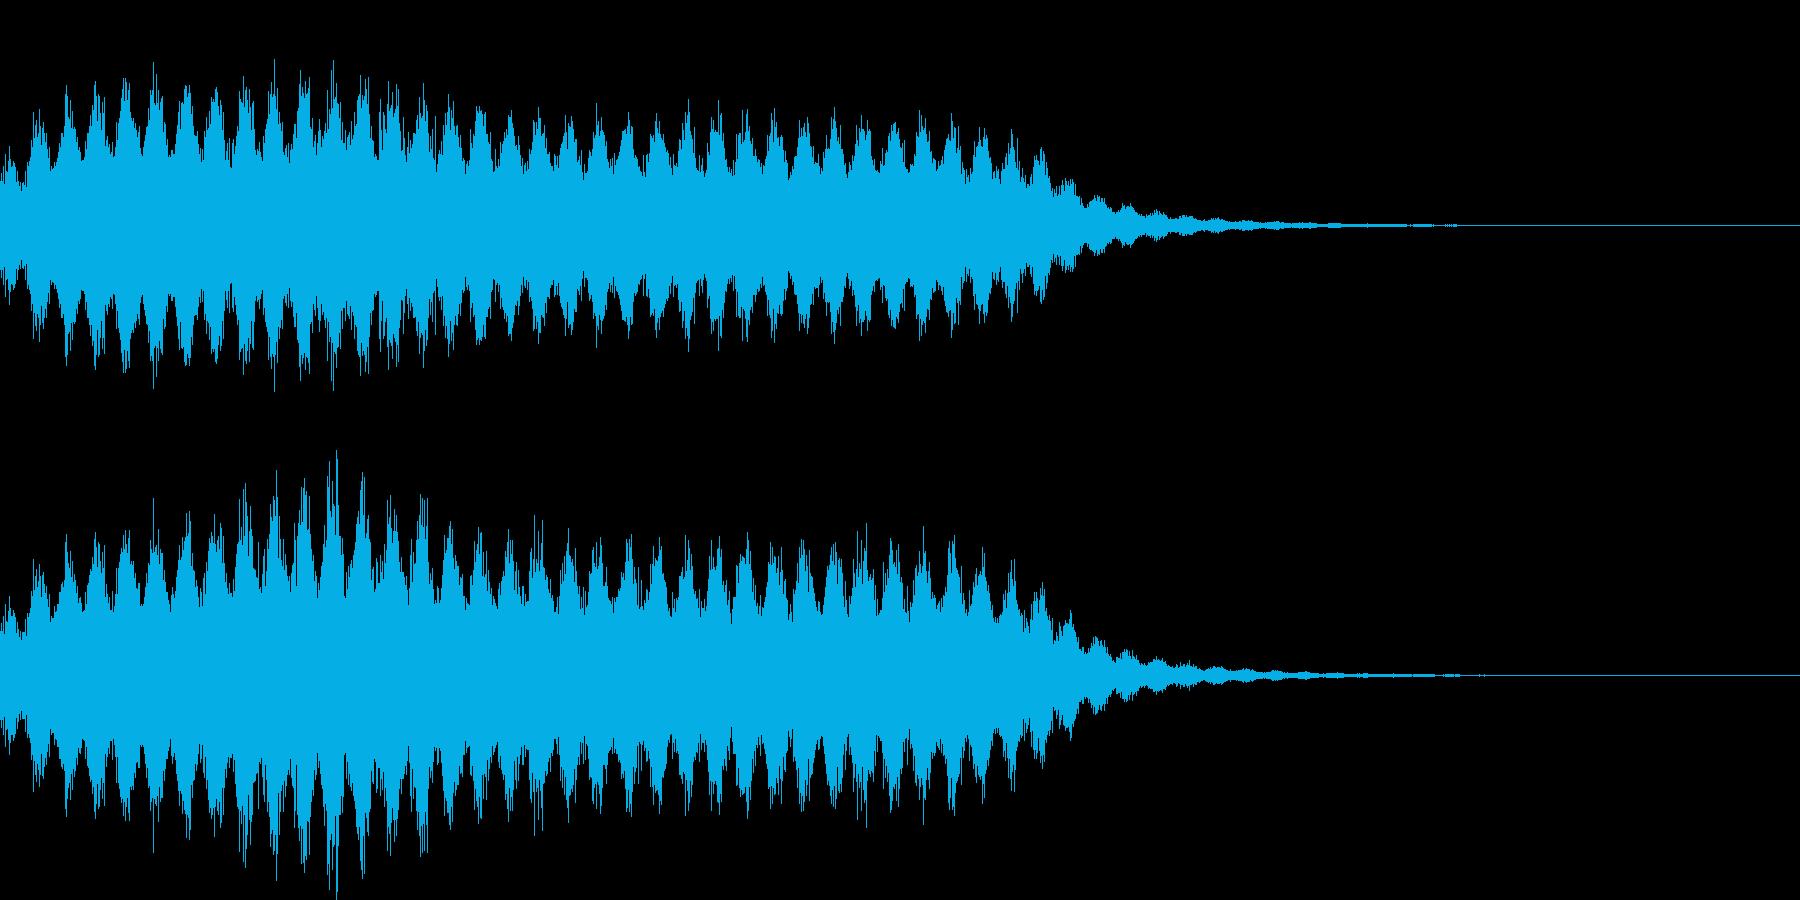 シュワシュワ 泡 爽快 音の再生済みの波形